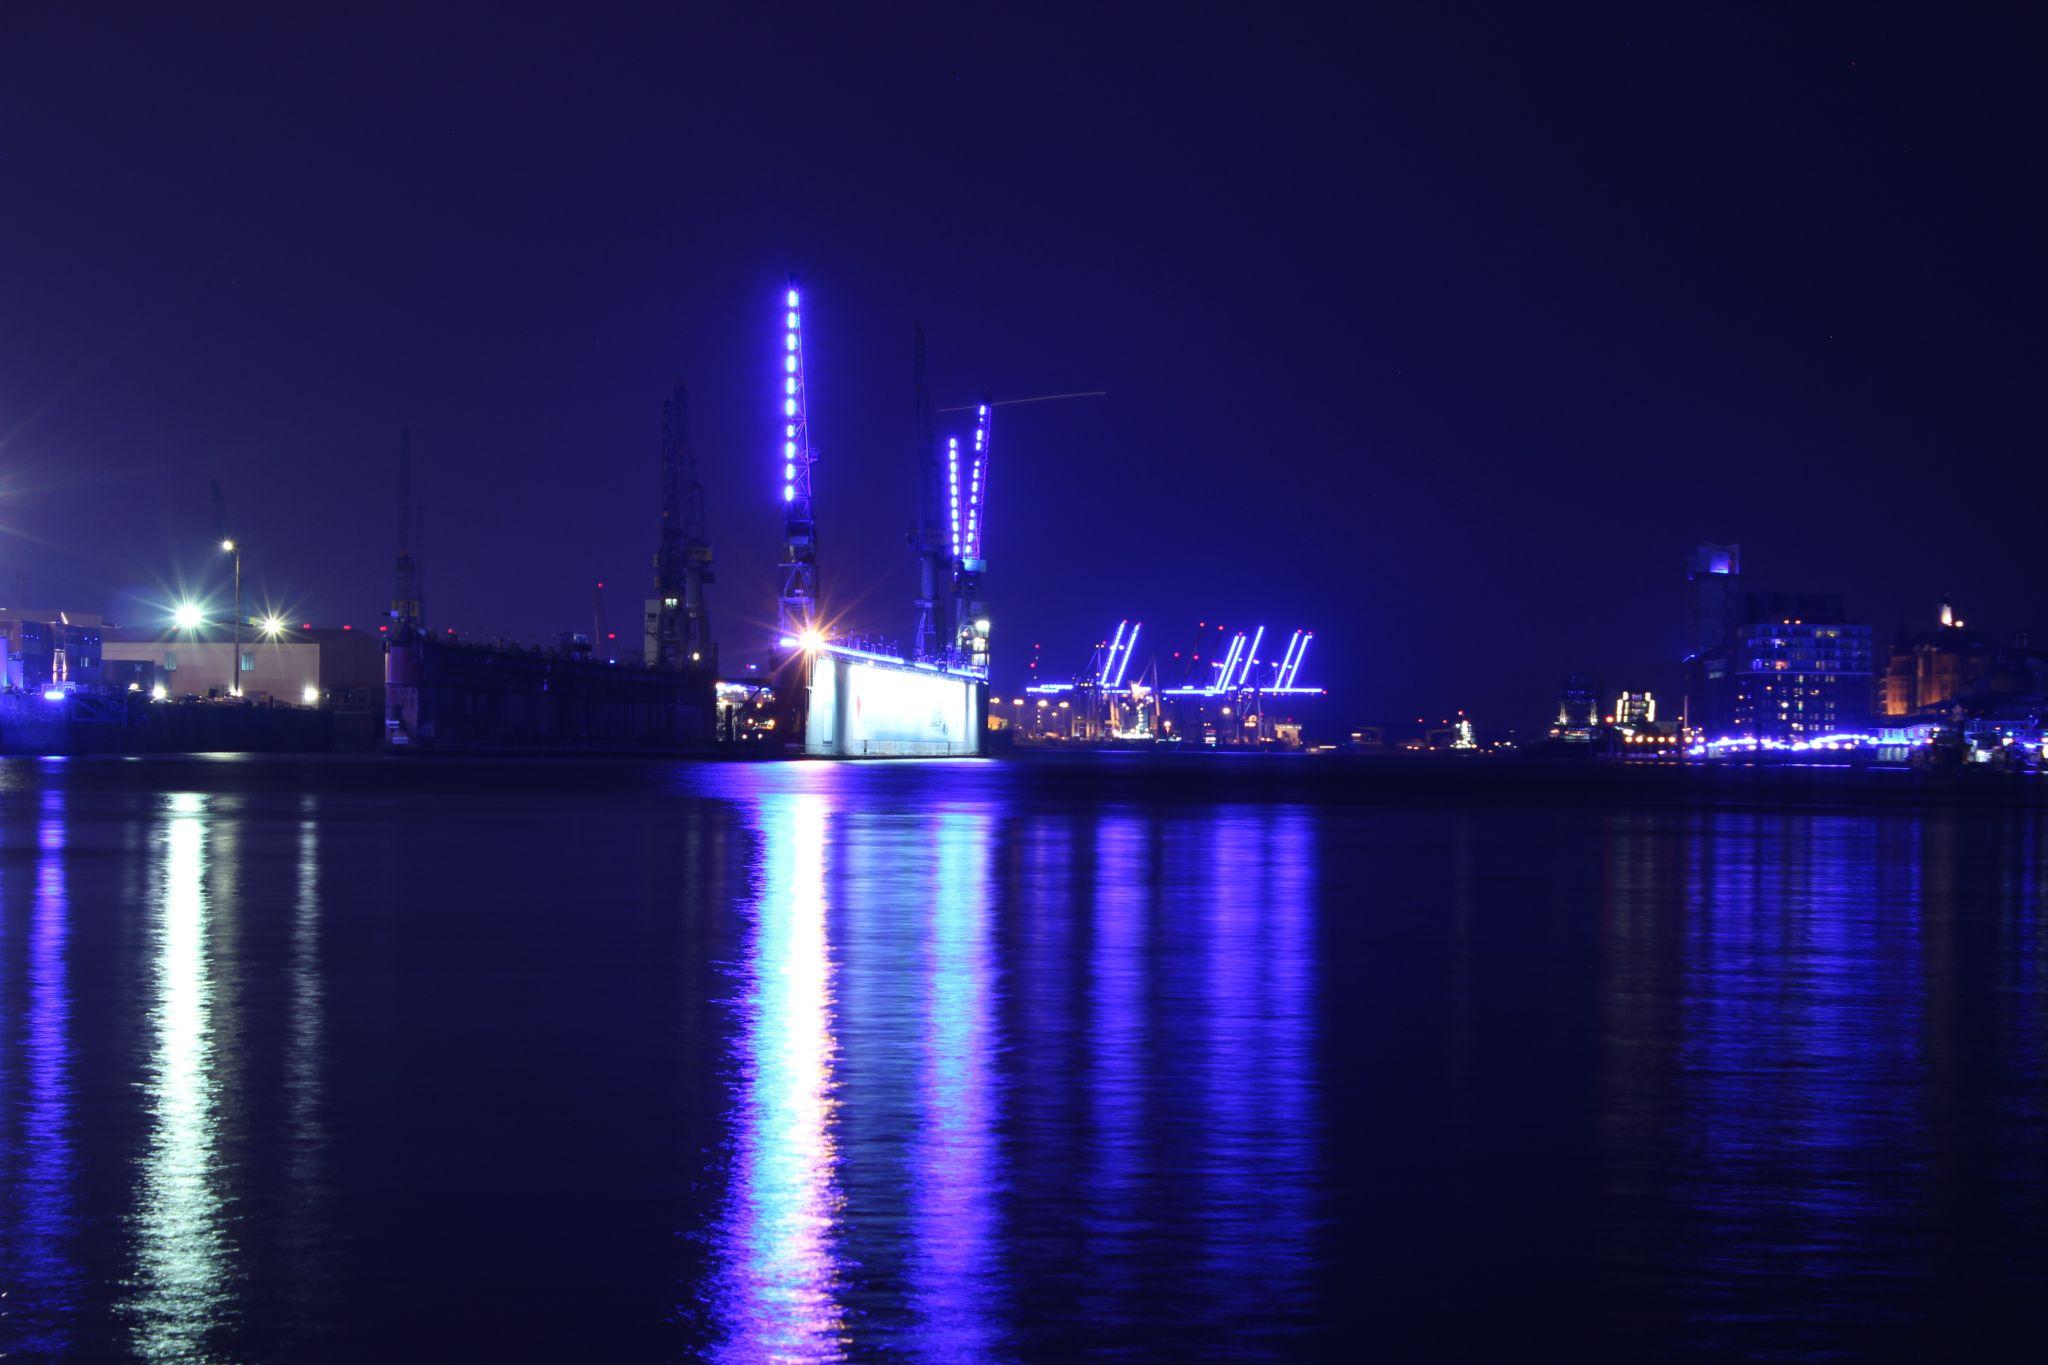 Harbor City Hamburg, Germany